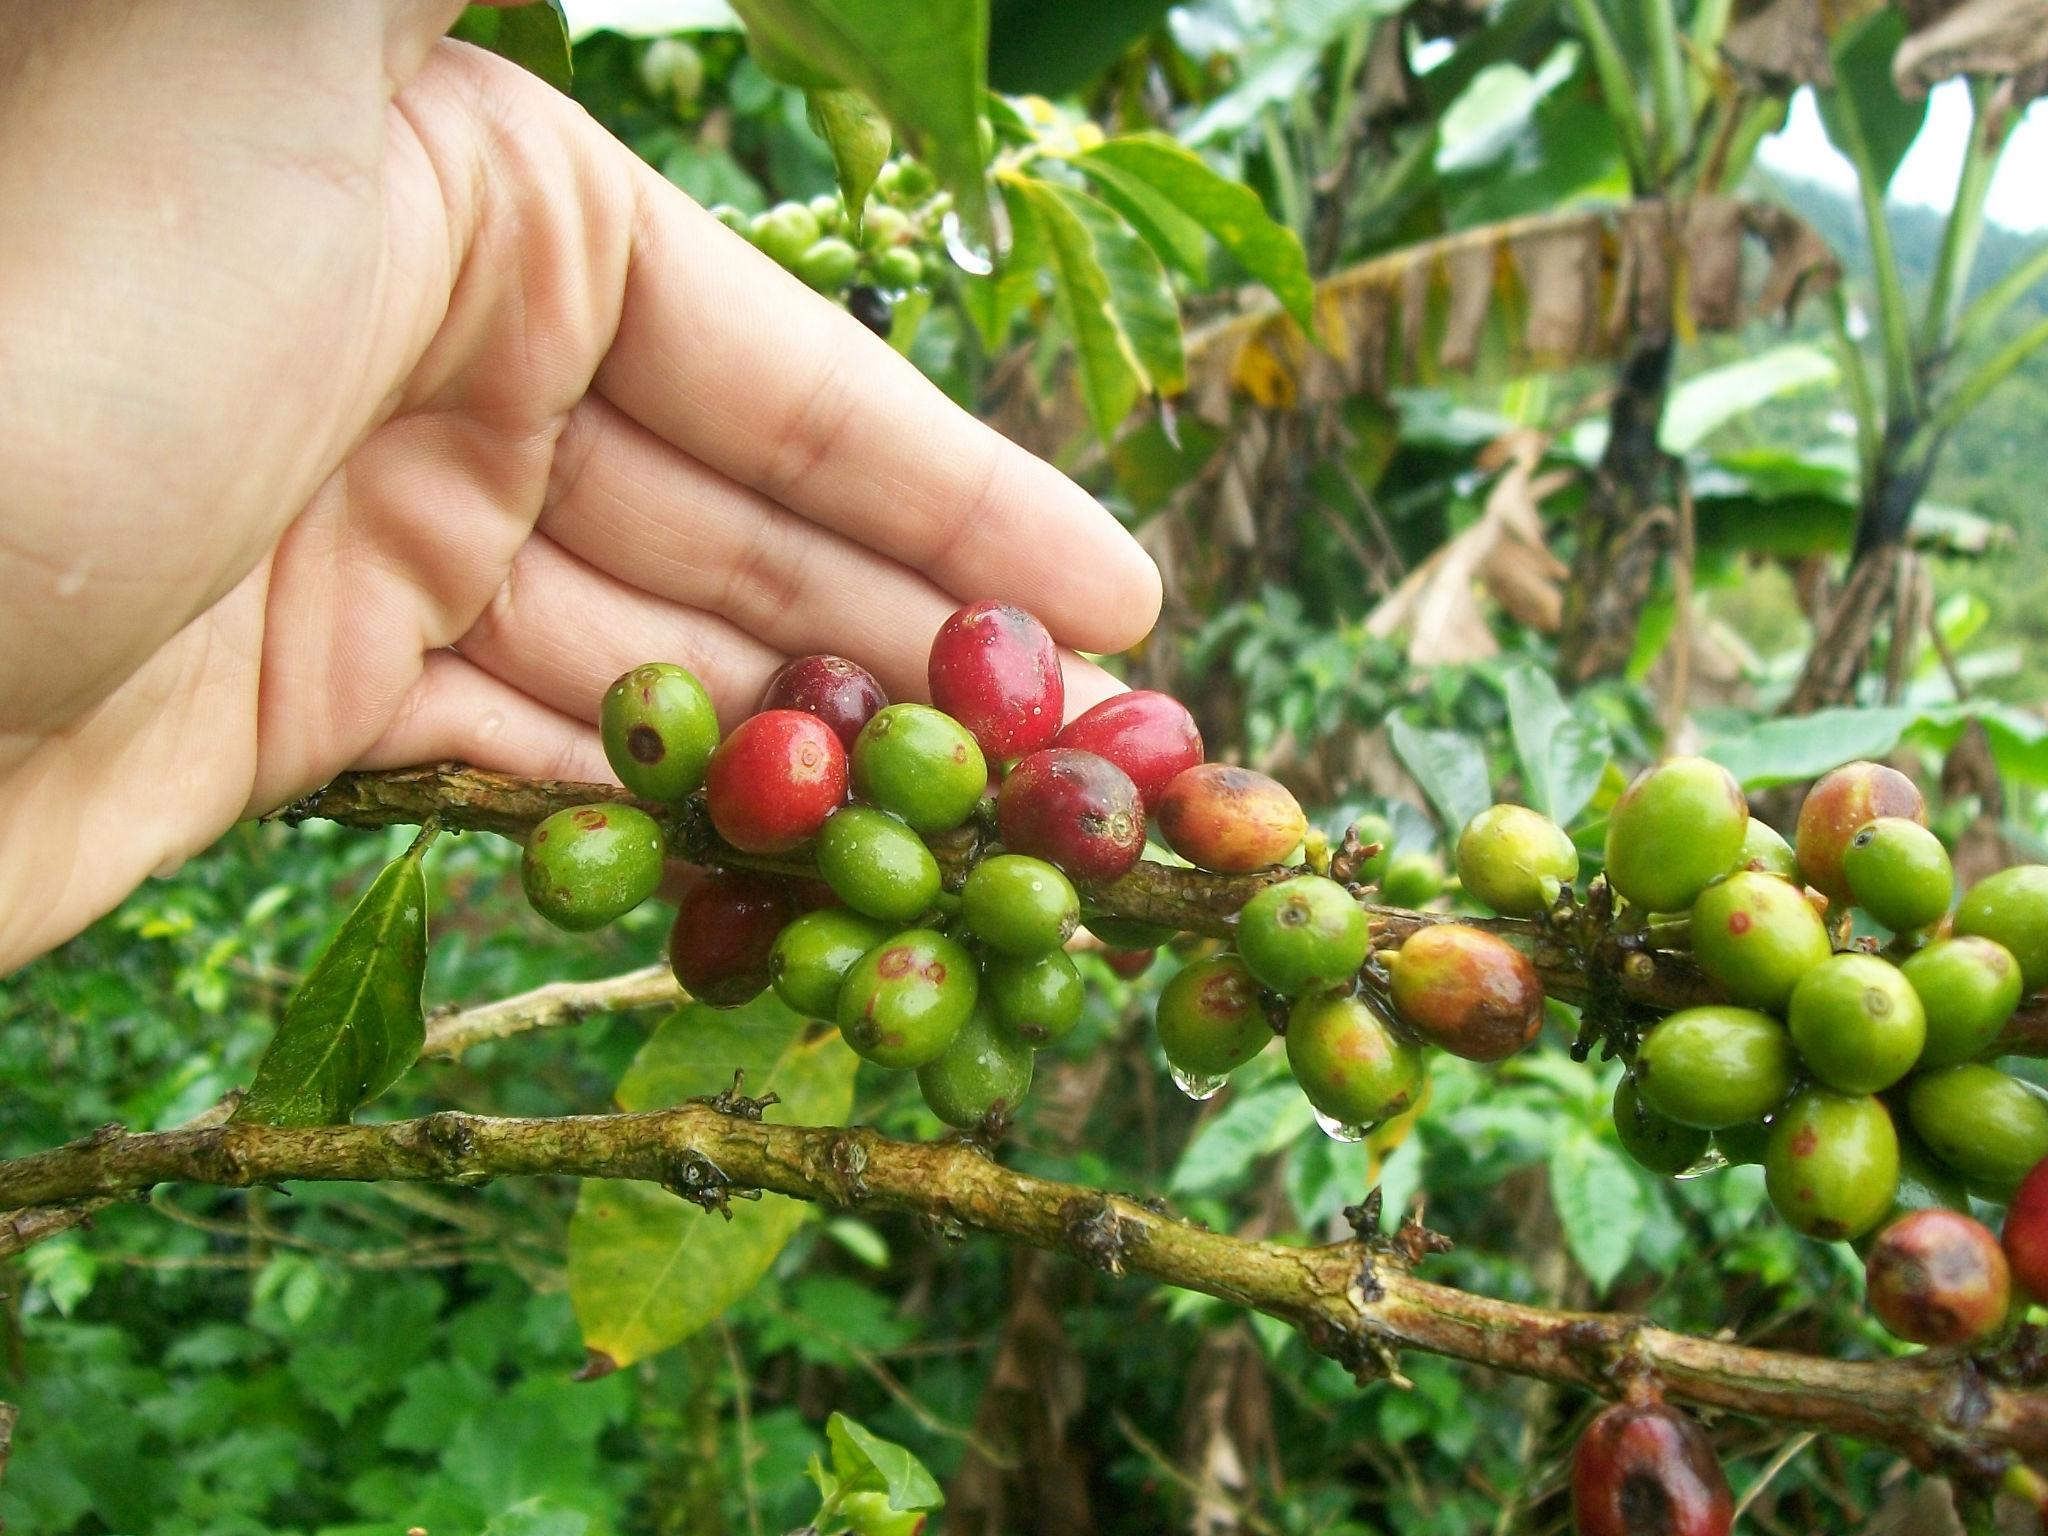 La foto muestra los cultivos de café de Manizales de la empresa  tisquesusa, Cortesía: Café tisquesusa.